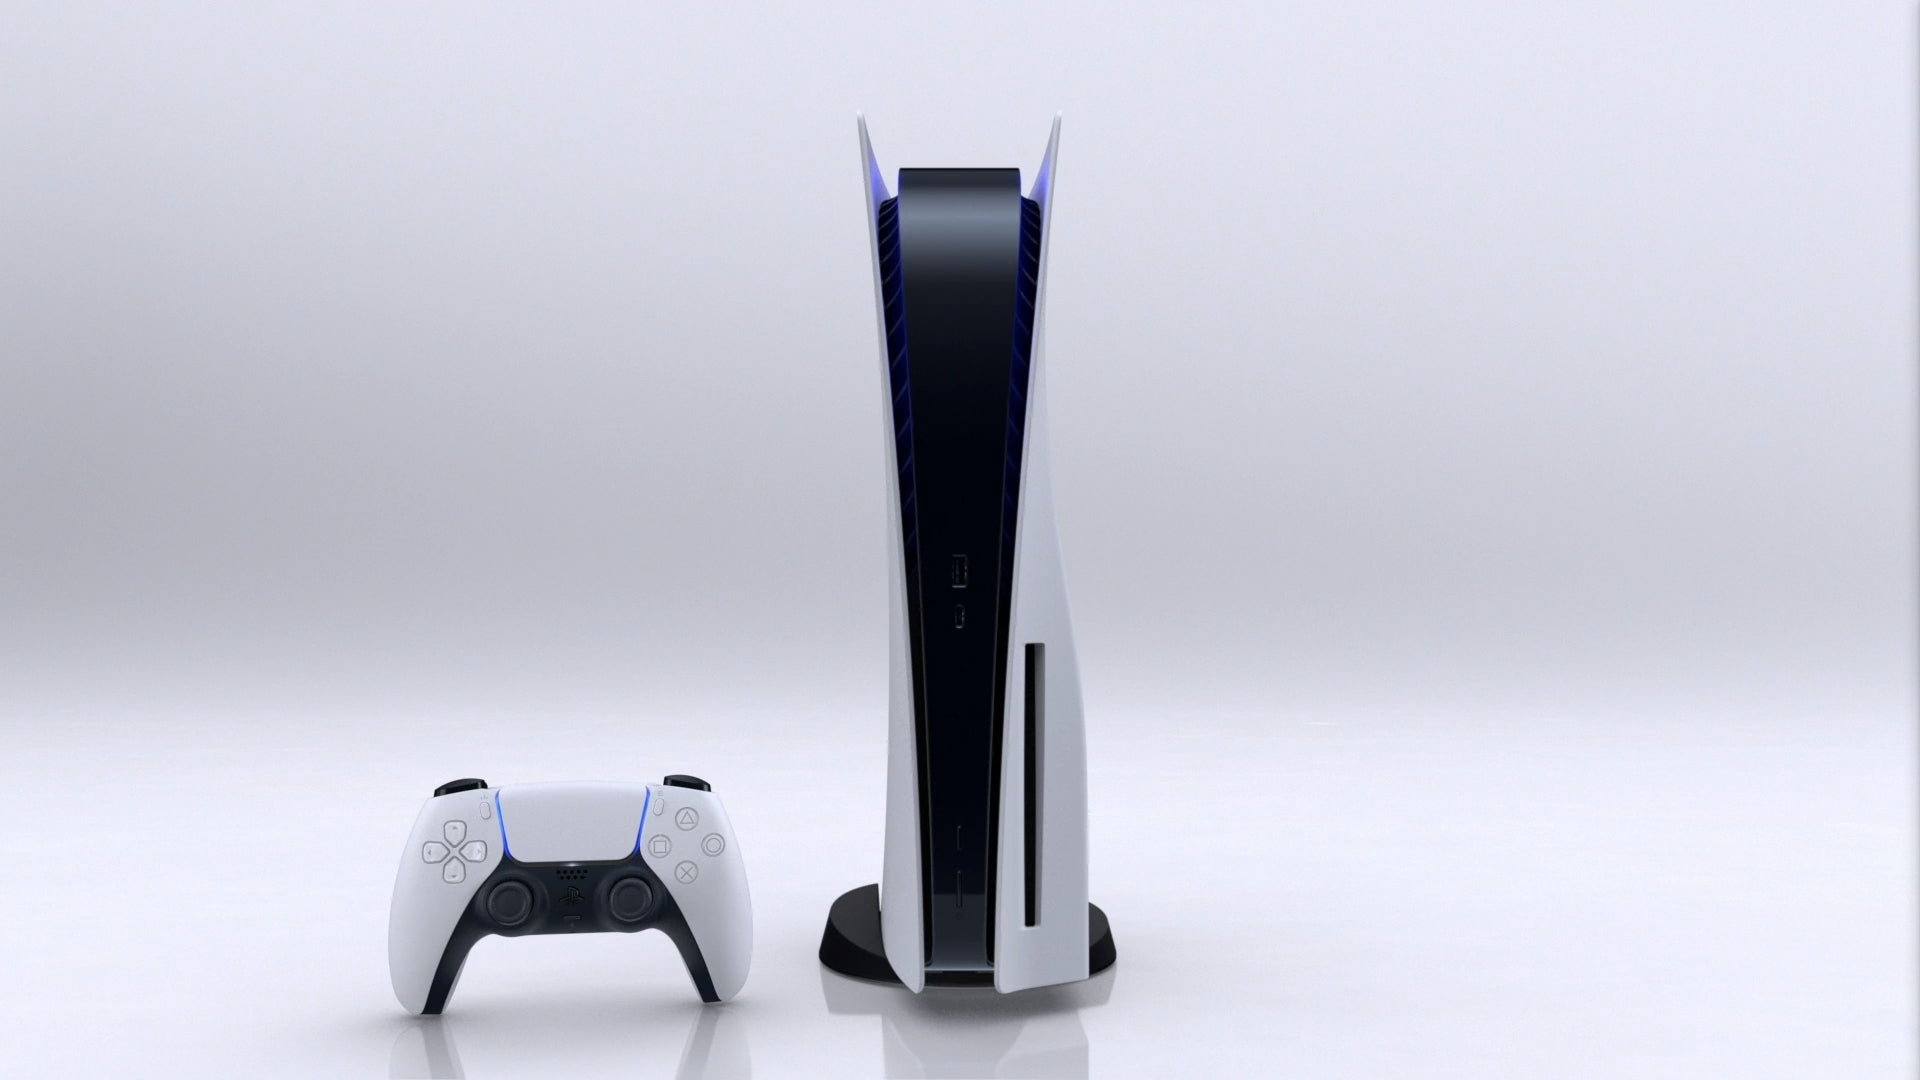 Игровая консоль PlayStation 5 уже успела покорить сердца многих геймеров своим приятным внешним видом Компания Sony приняла решение отойти от классического внешнего